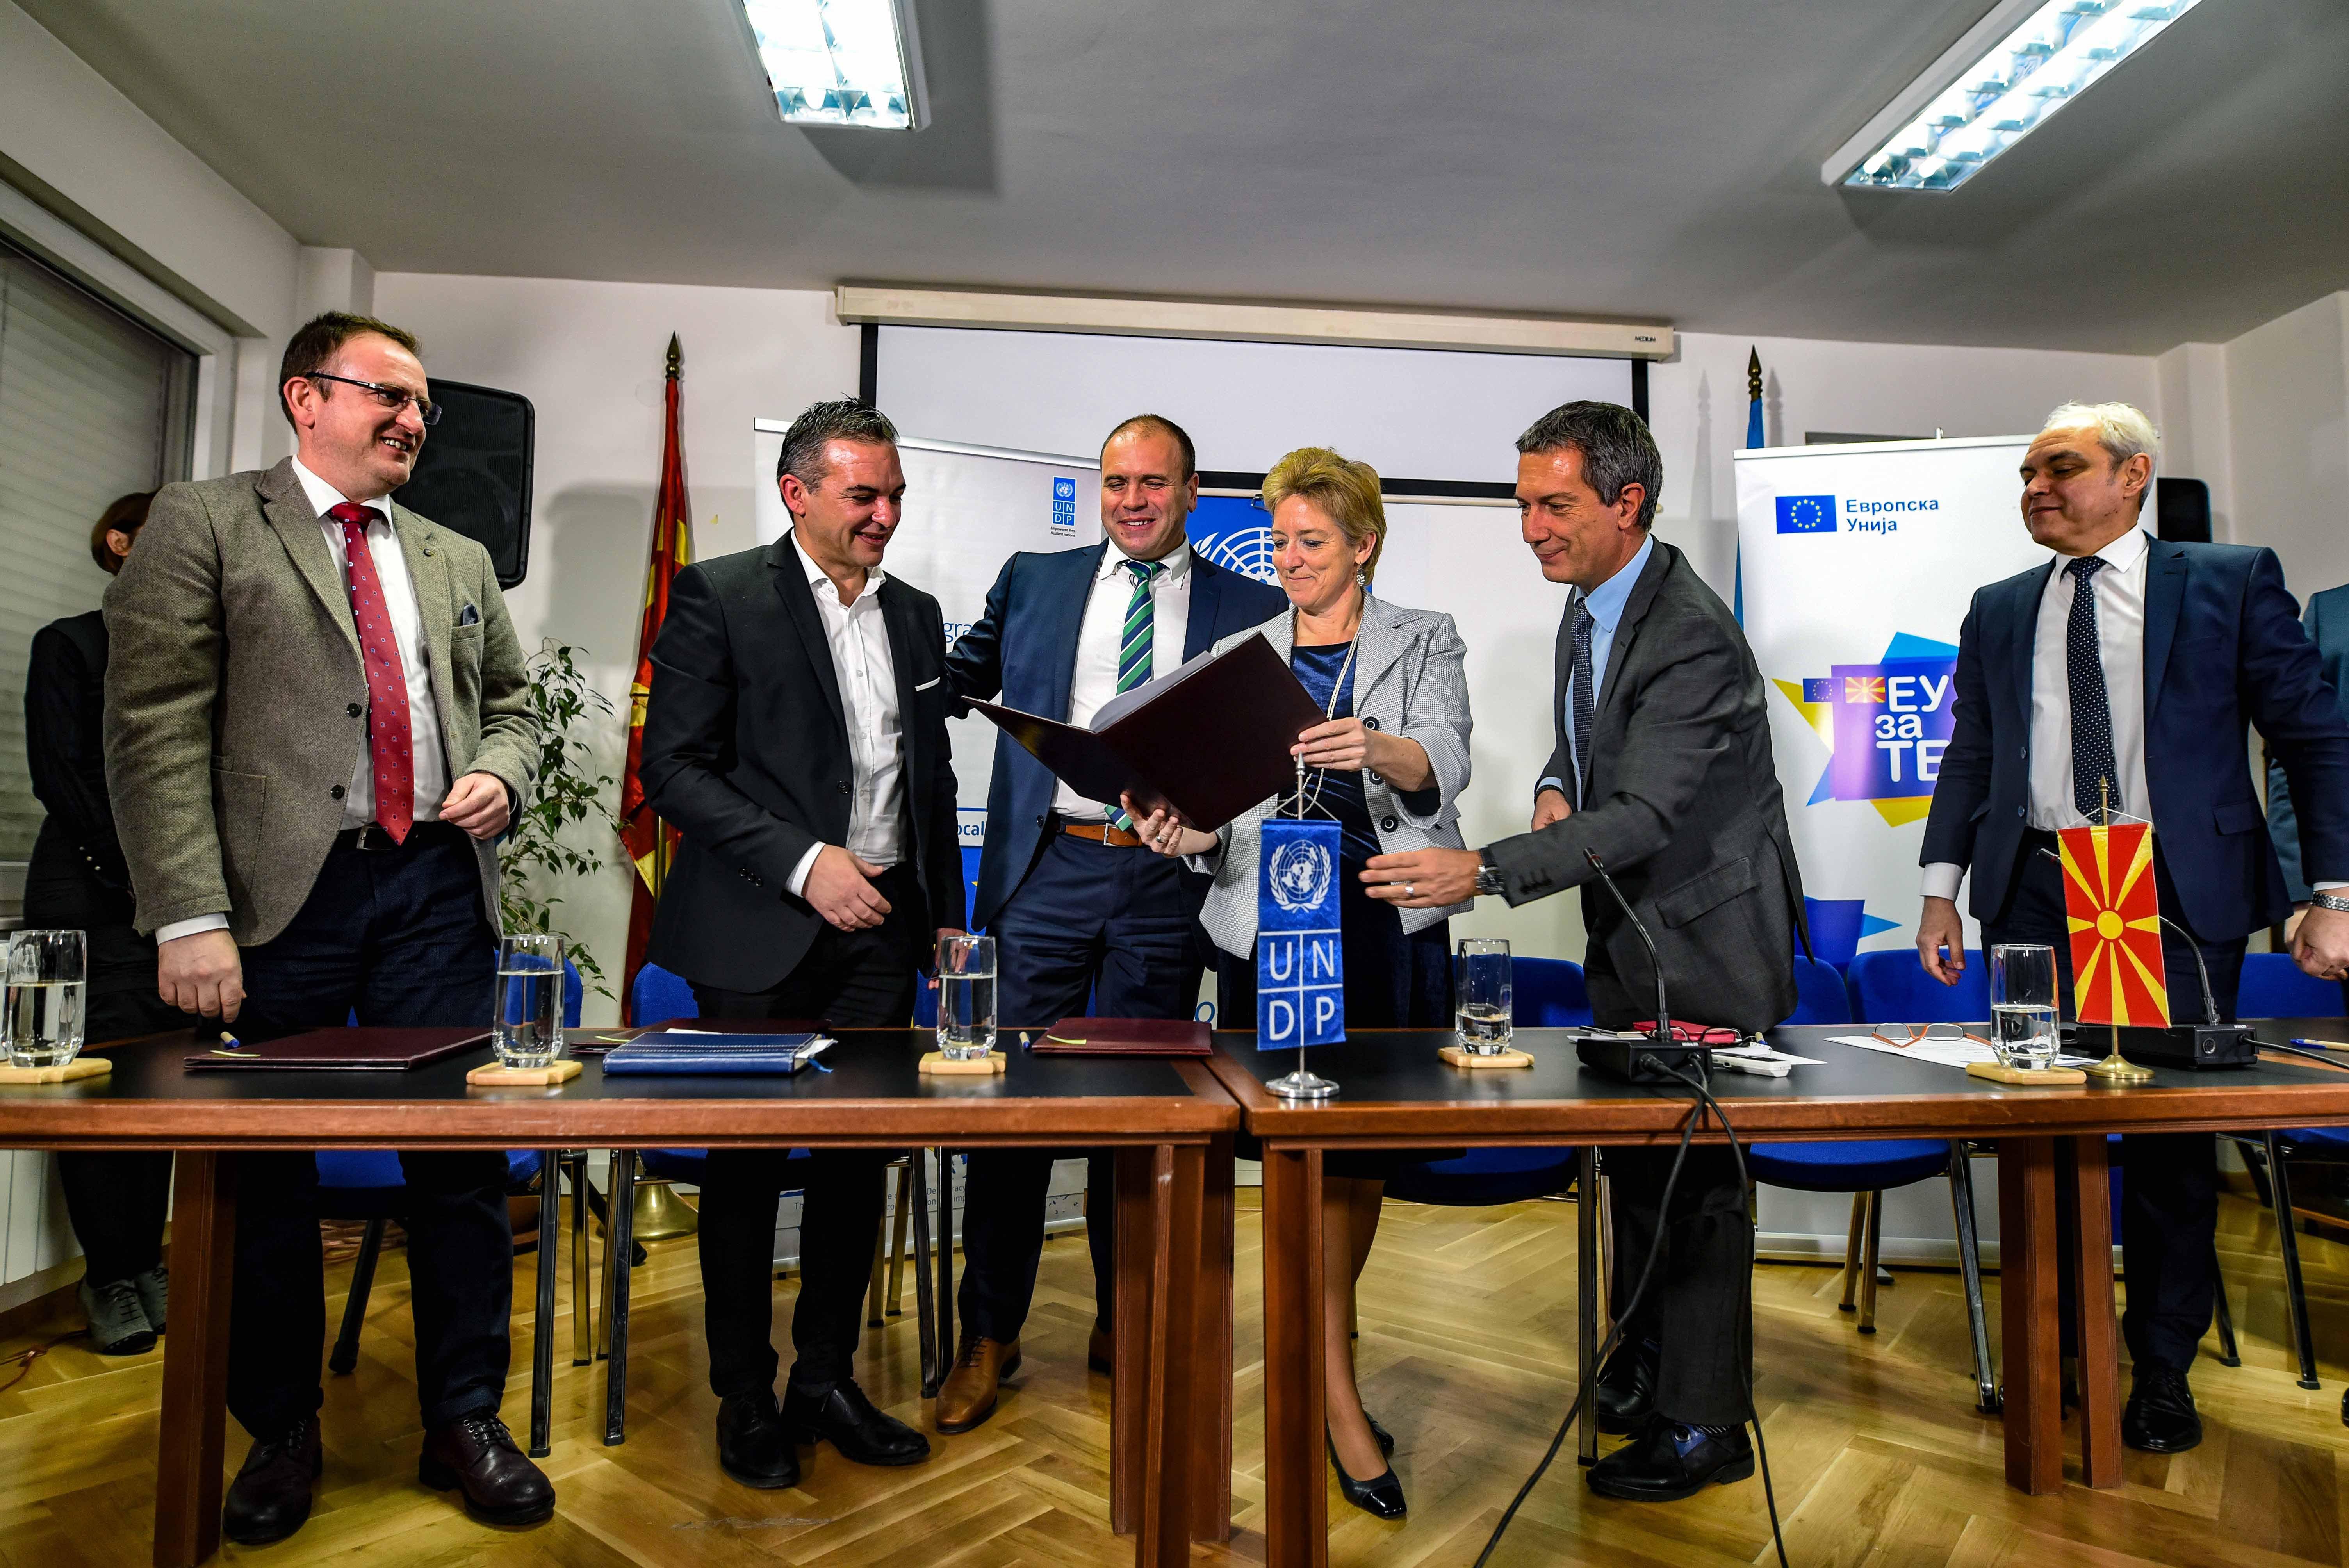 Општина Куманово доби грант од 120.000 евра